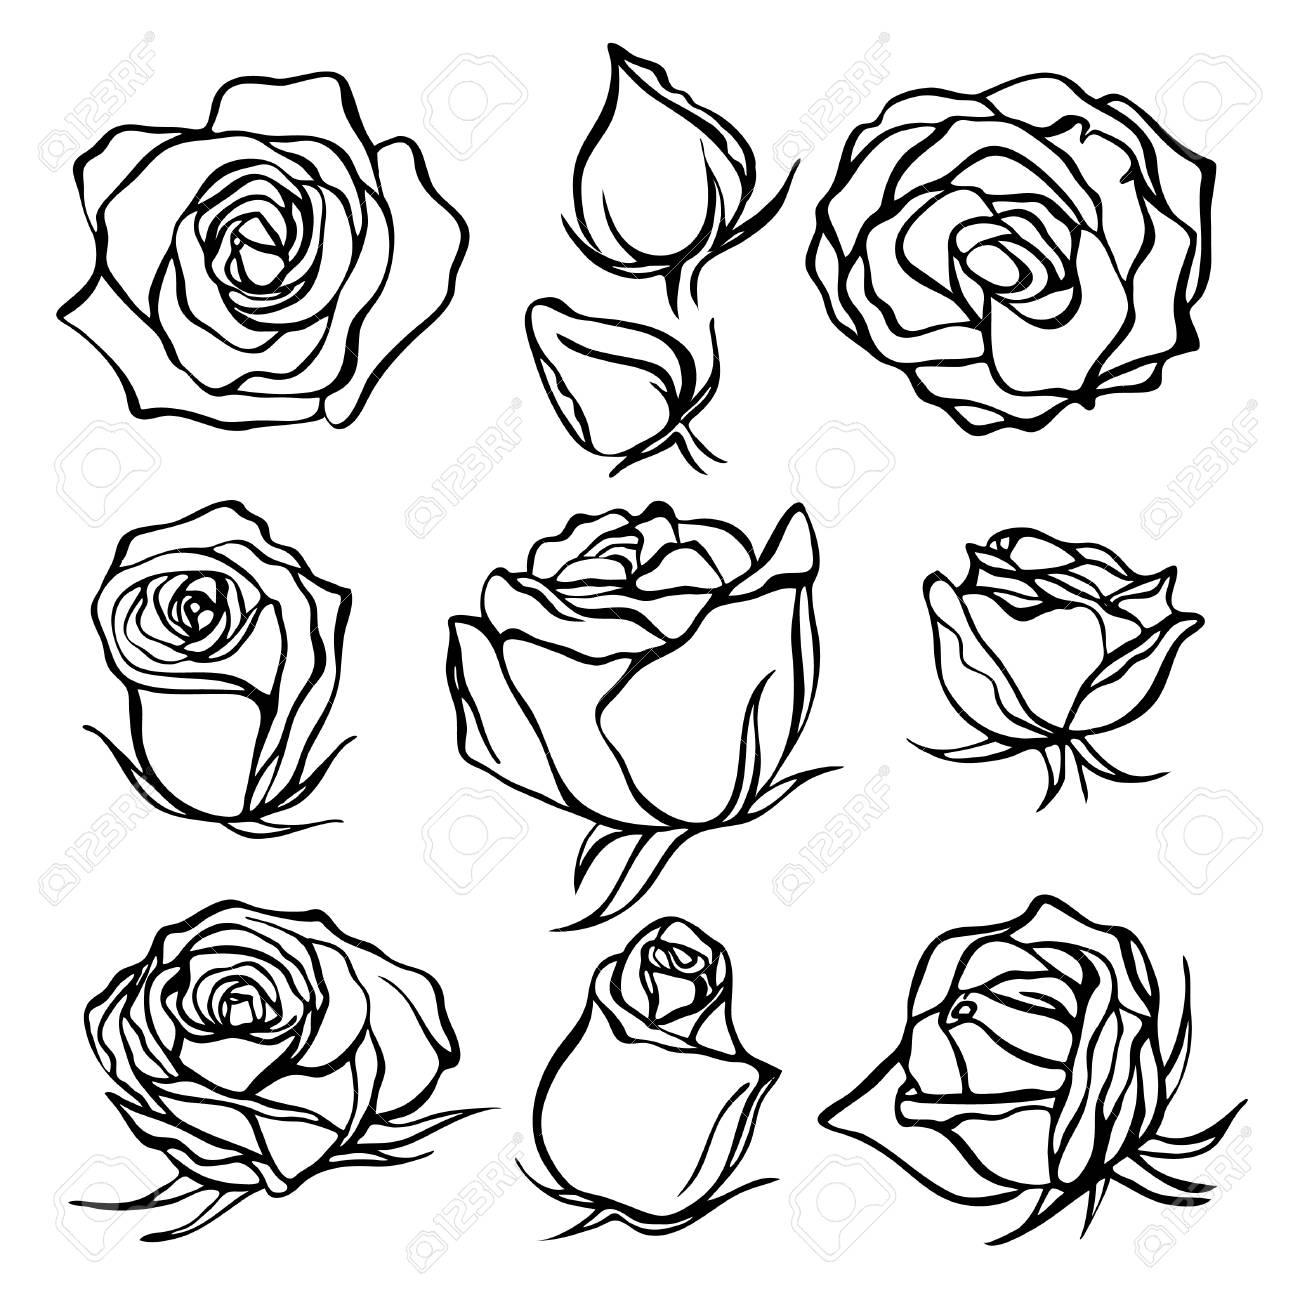 Bosquejo Conjunto Rosa Flor Lápiz Dibujo Flores Con Hojas En Tallo Emblemas Gráficos Dibujados A Mano Curvas De Nivel Y Trazos